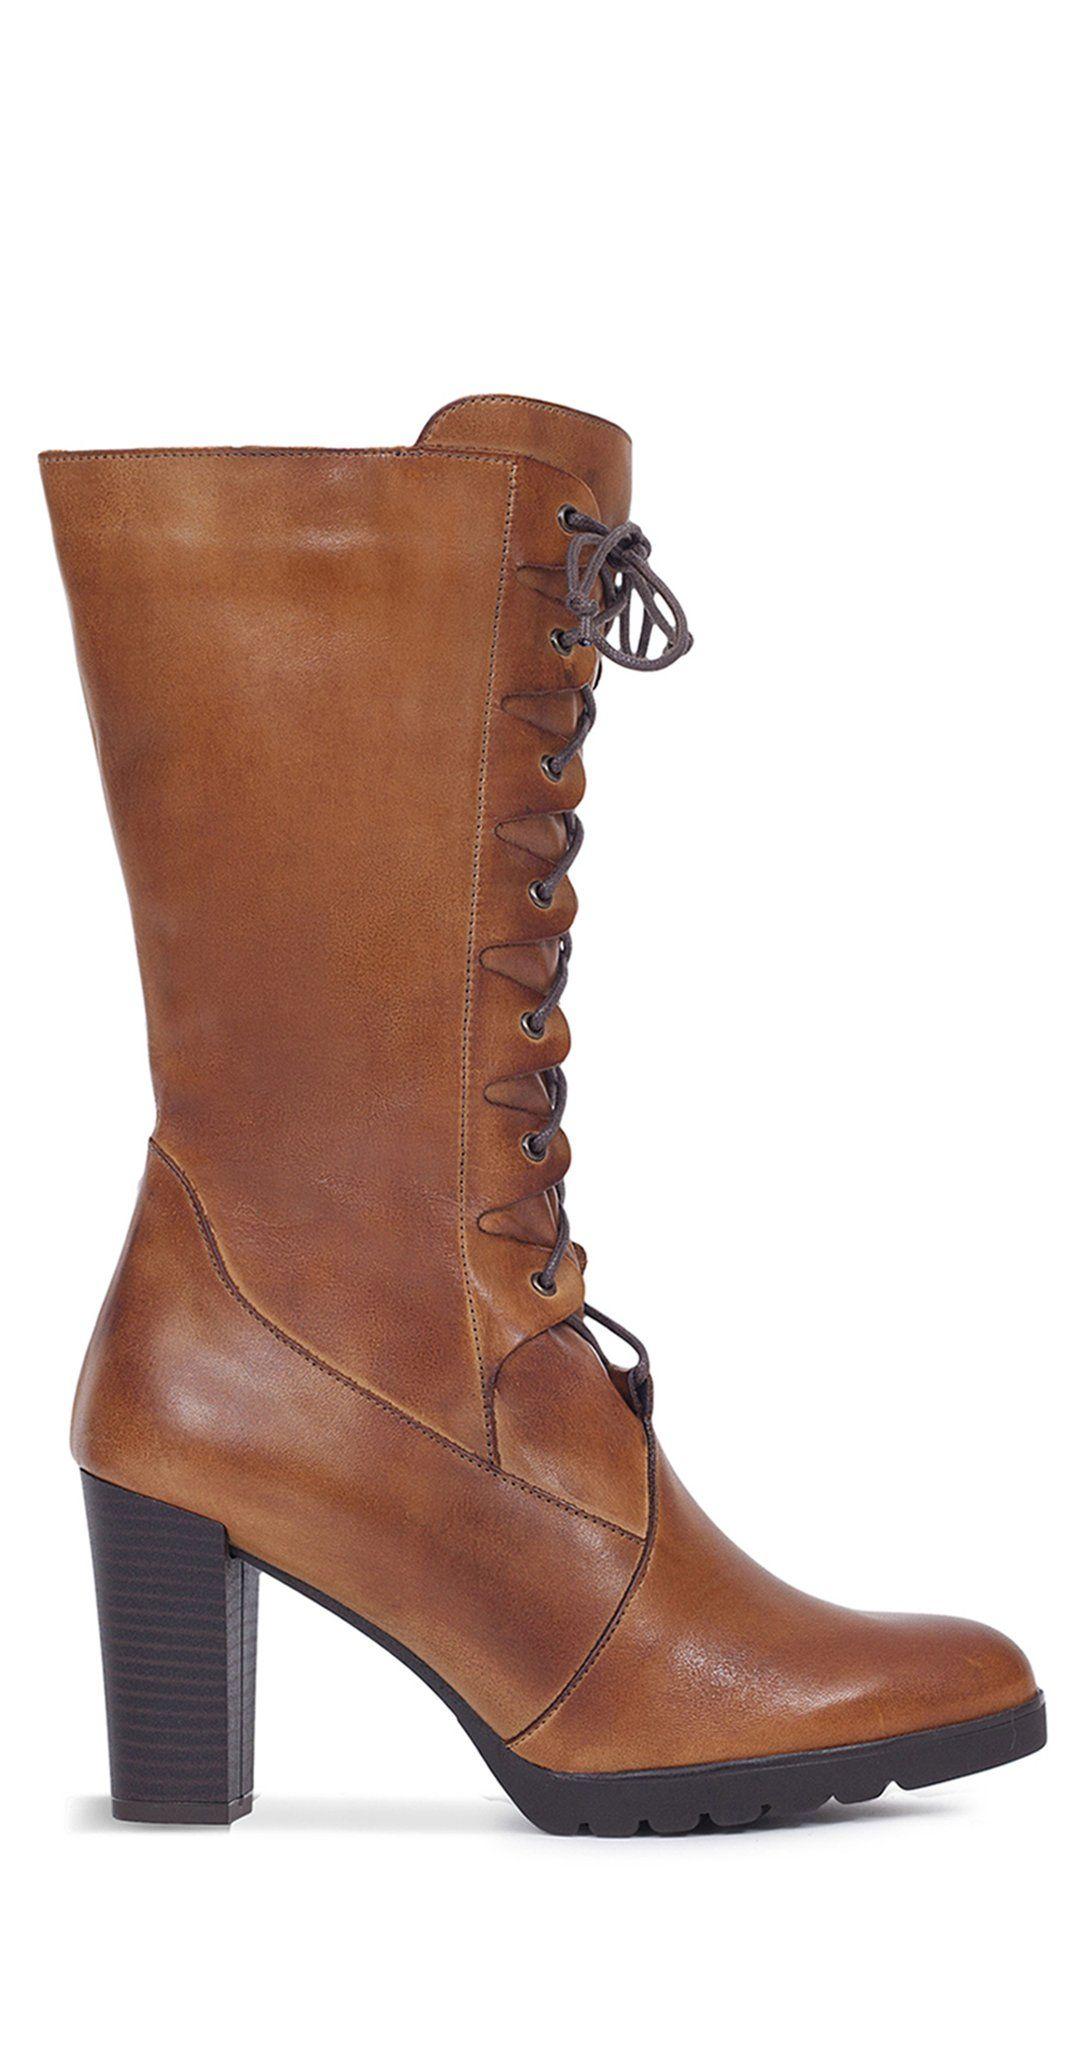 e0c275bc Bota alta de mujer CUERO con cordones – Zapatos miMaO Online – miMaO  ShopOnline